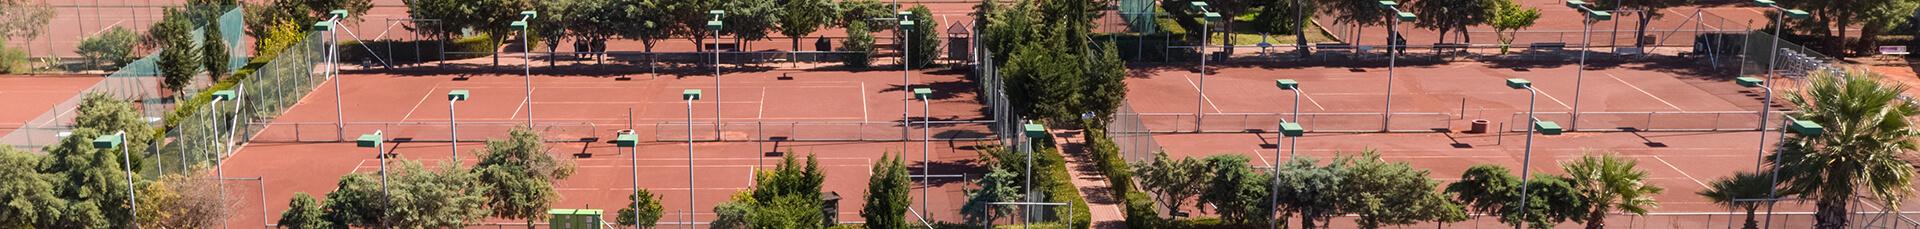 Ali Bey Park Manavgat - Tenis Kortları-ru